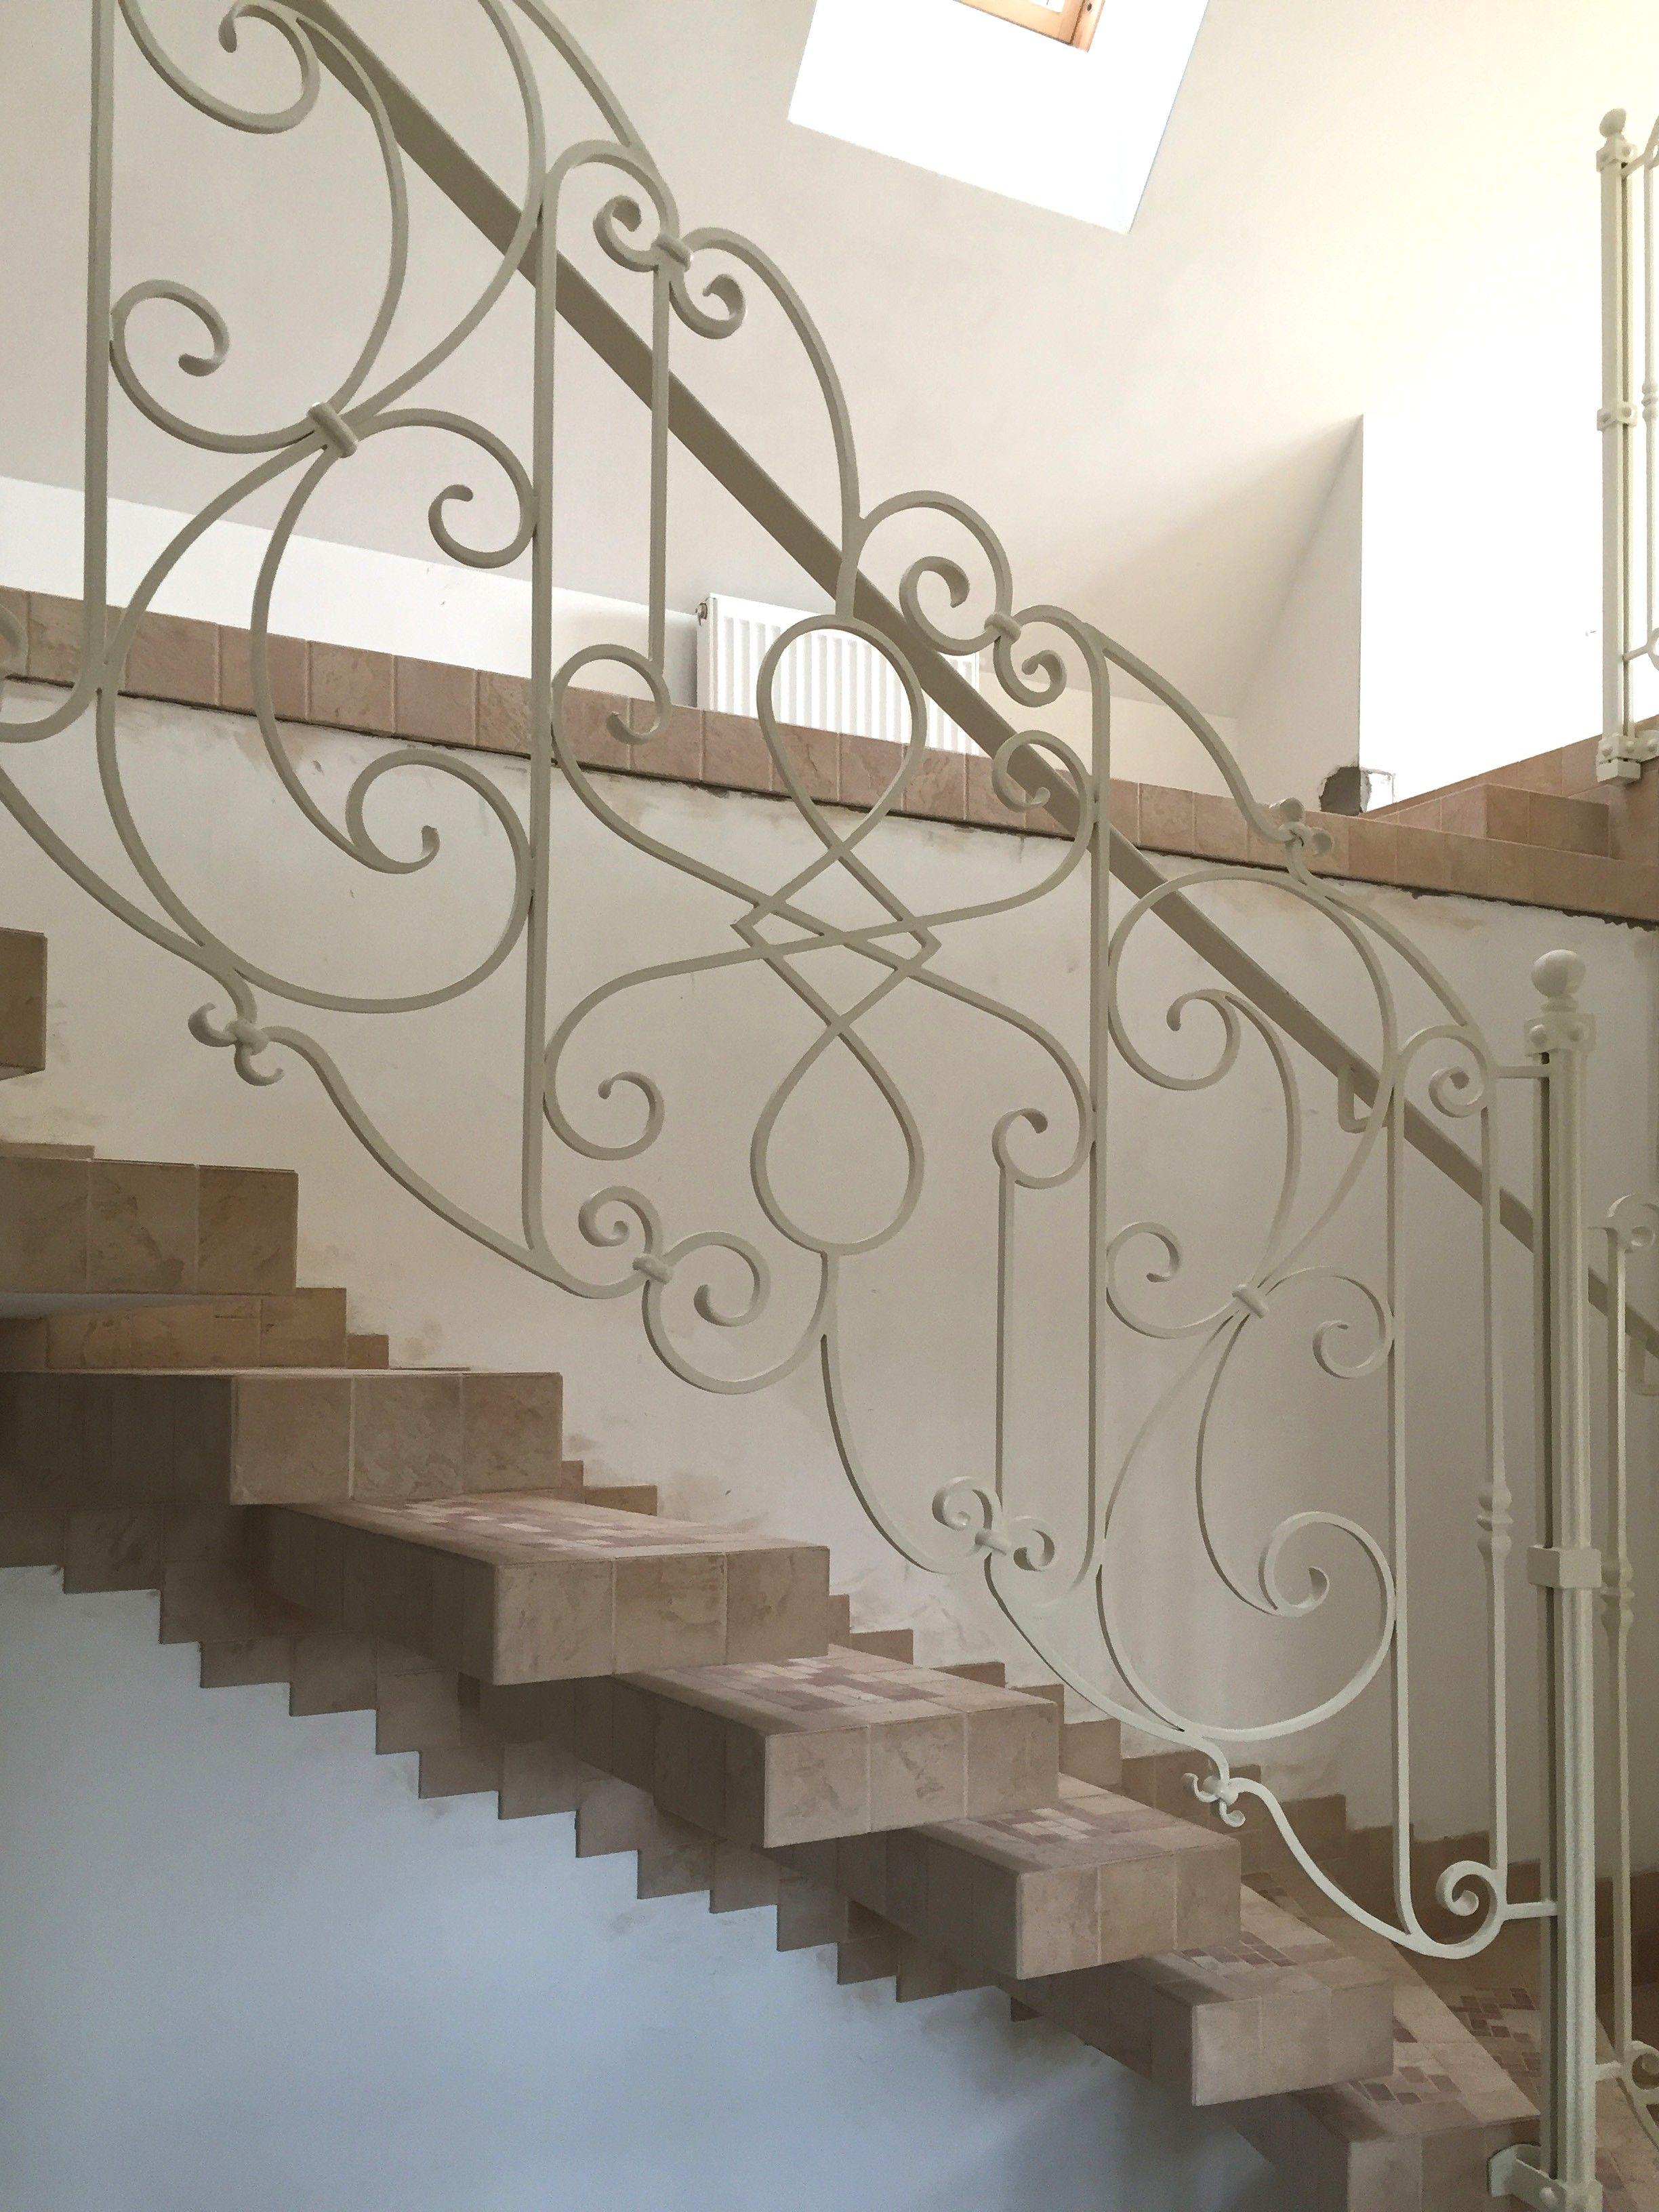 Pin modern dekoratif 252 r 252 nler on pinterest -  Http Www